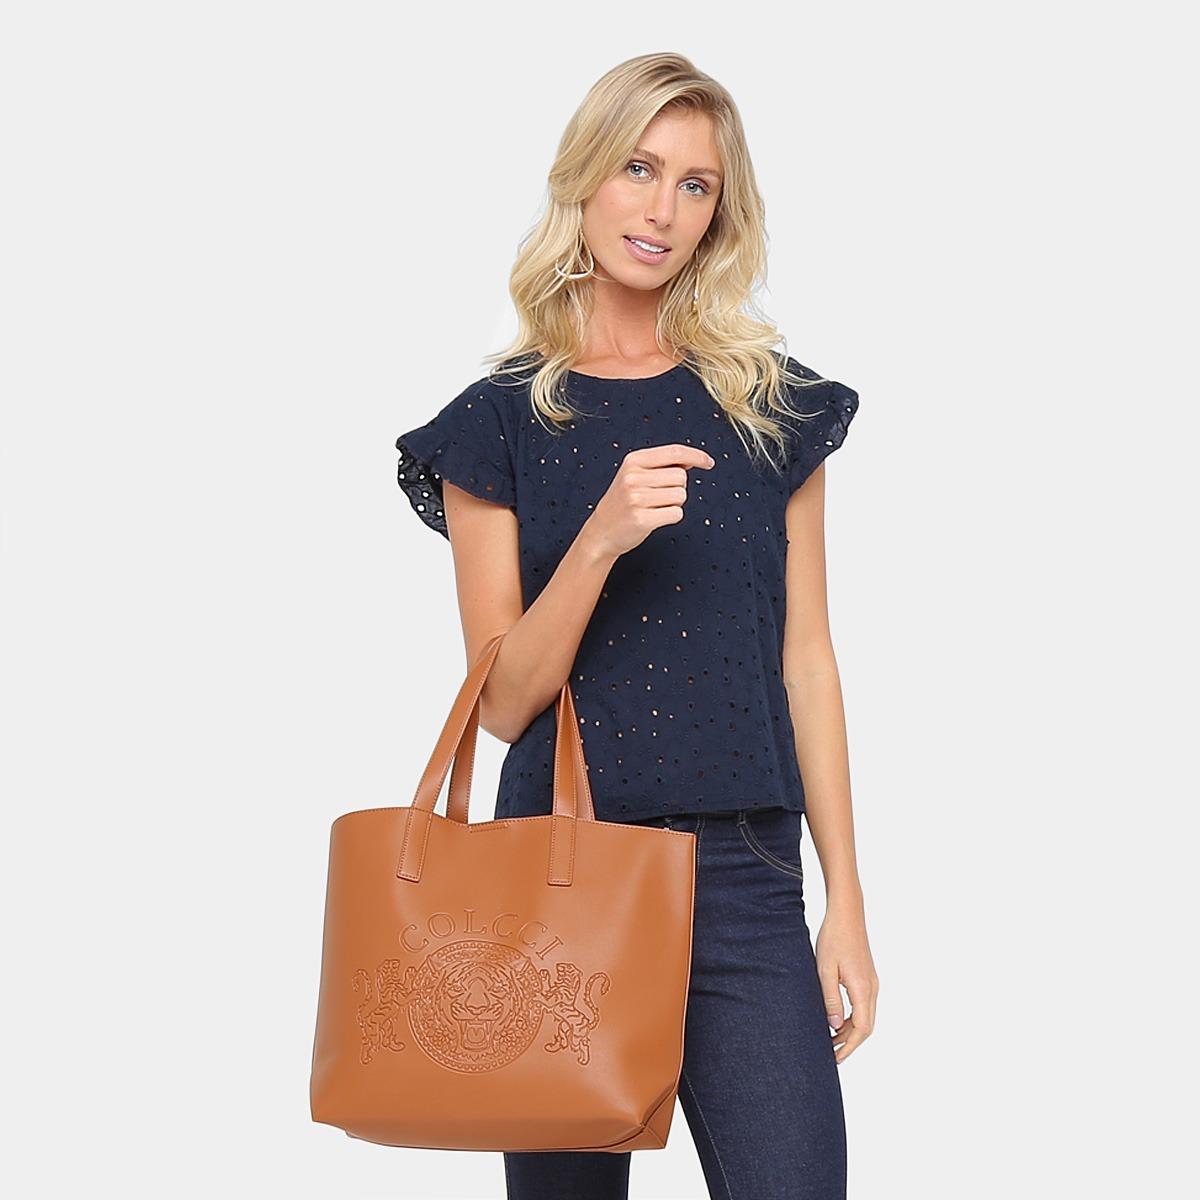 3b7d247d37 Bolsa Colcci Shopper Brasão Feminina - Caramelo - R$ 489,90 em ...